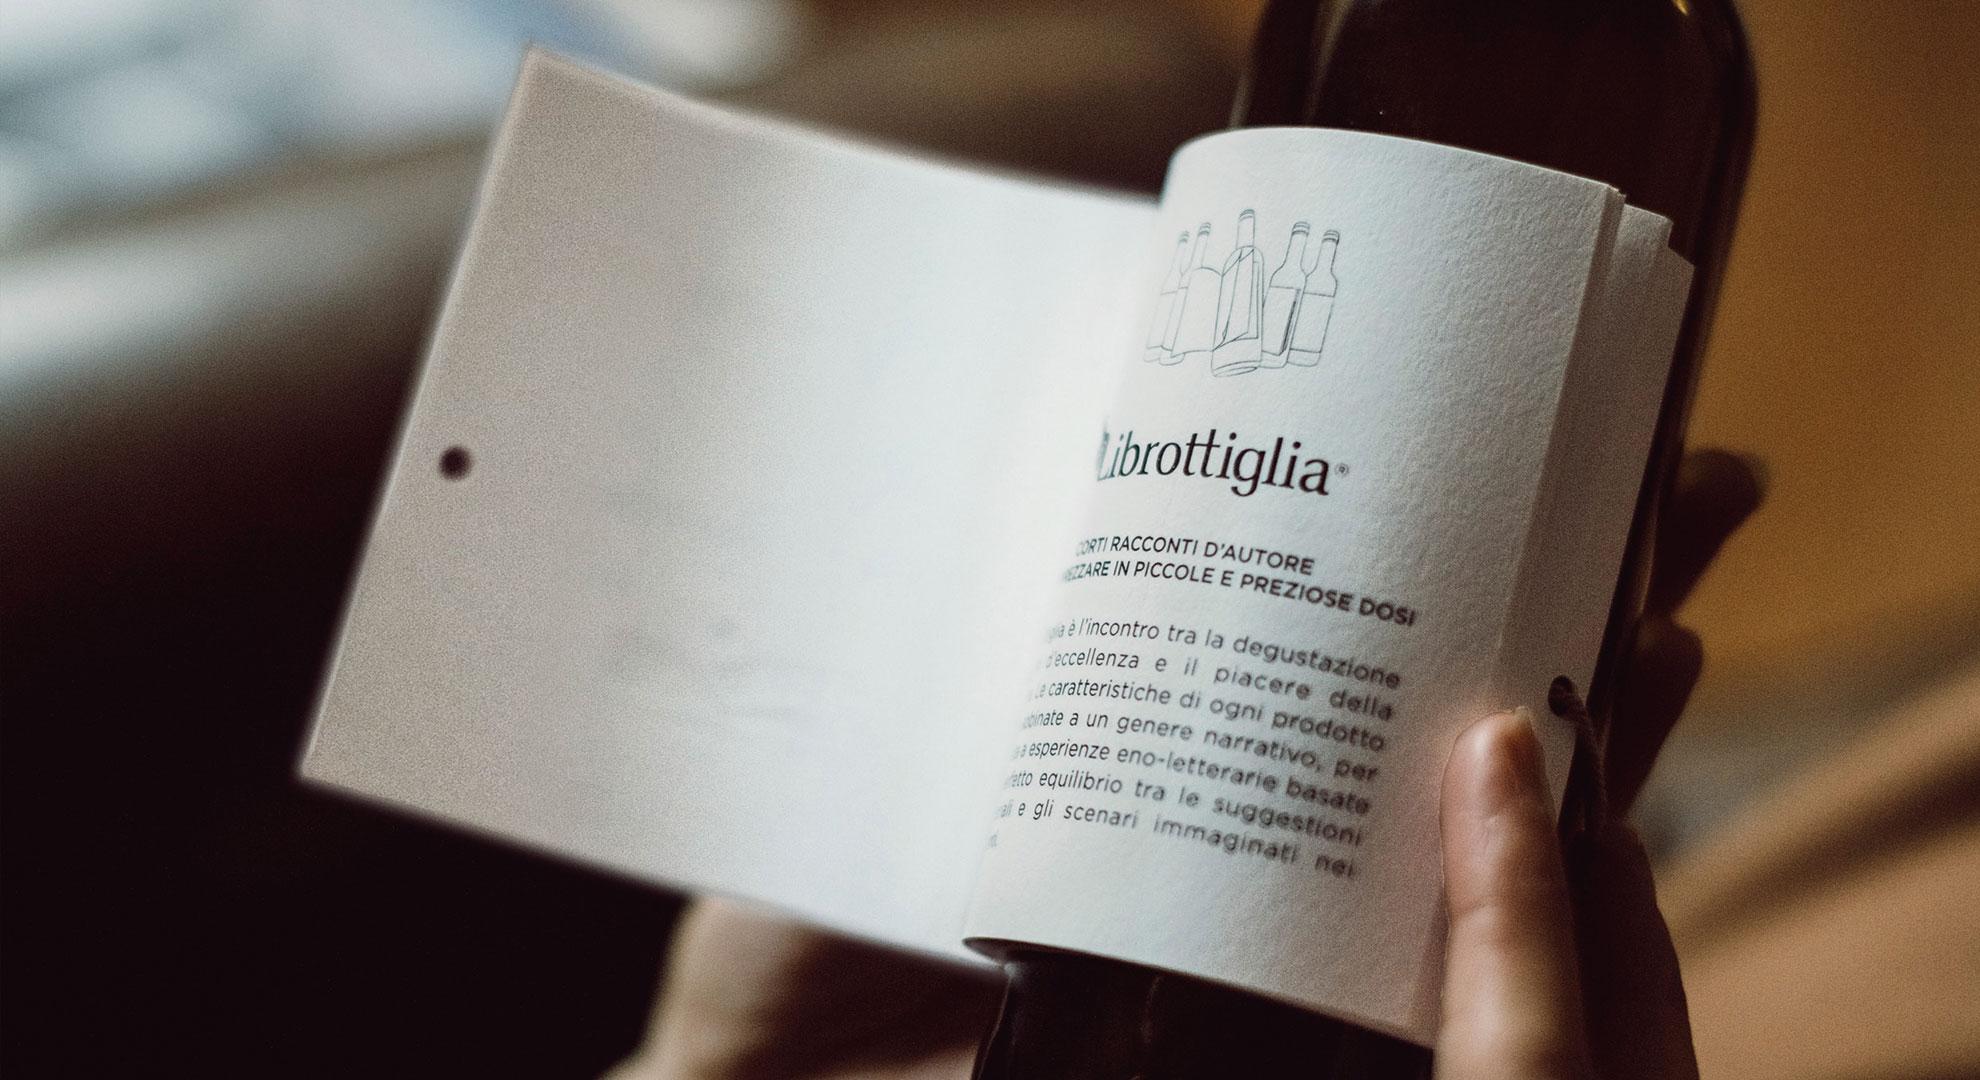 899-librottiglia-5